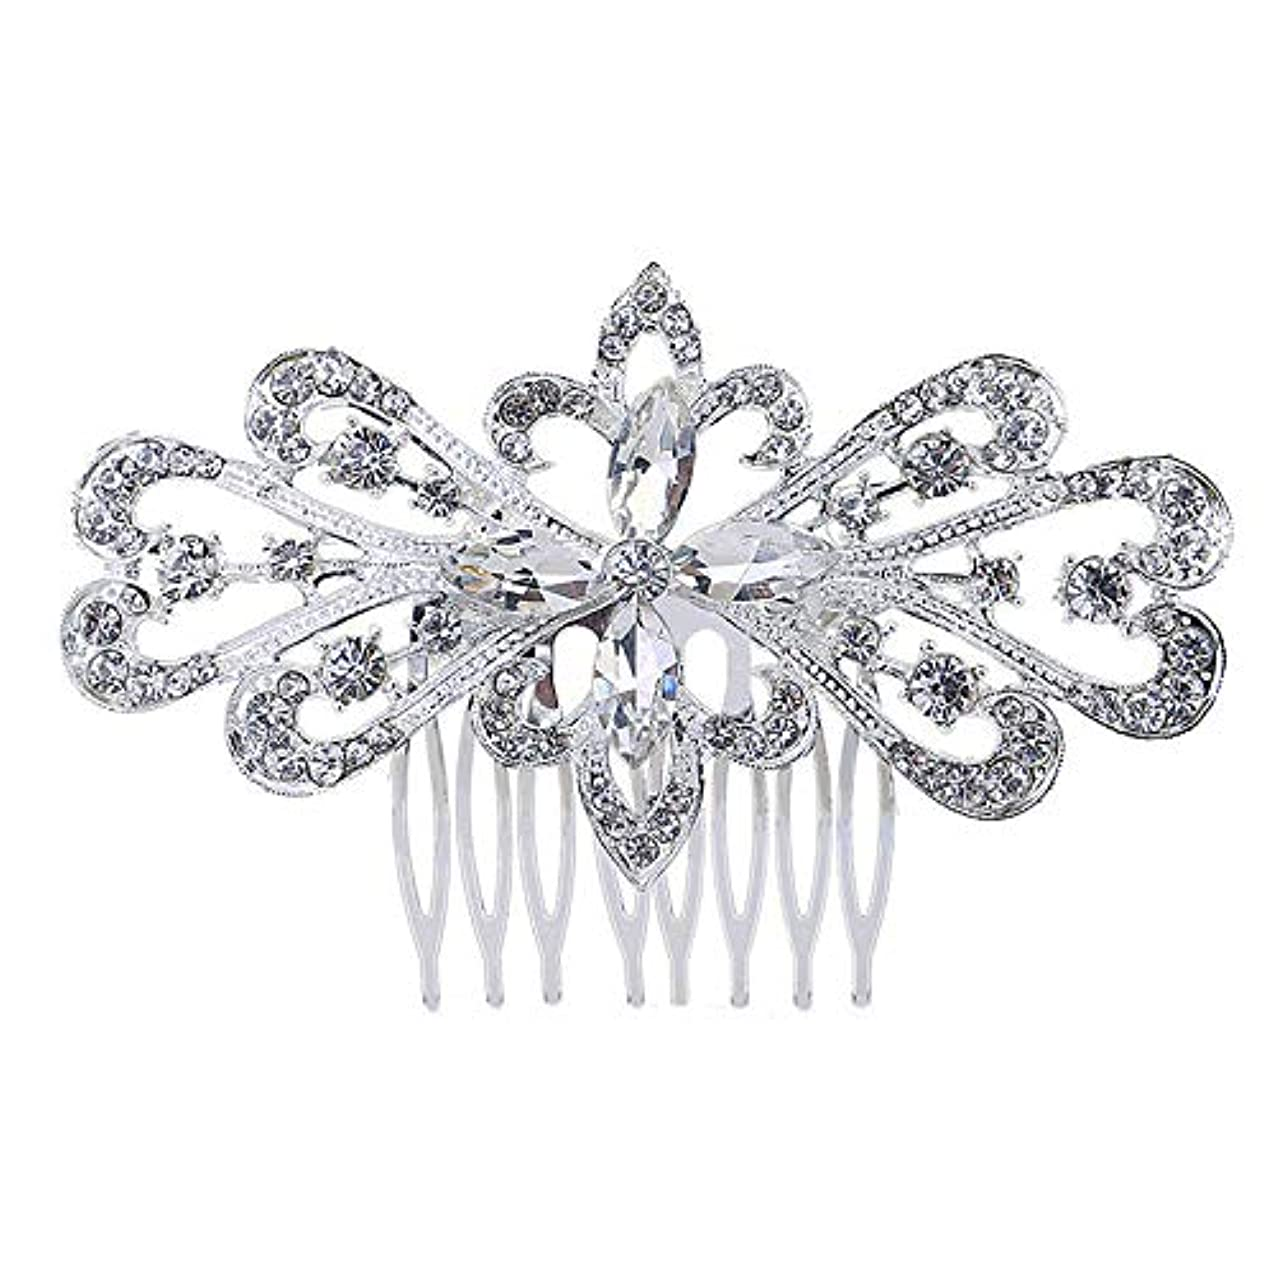 蓋永久に労働者髪の櫛の櫛の櫛の花嫁の髪の櫛の花の髪の櫛のラインストーンの挿入物の櫛の合金の帽子の結婚式のアクセサリー